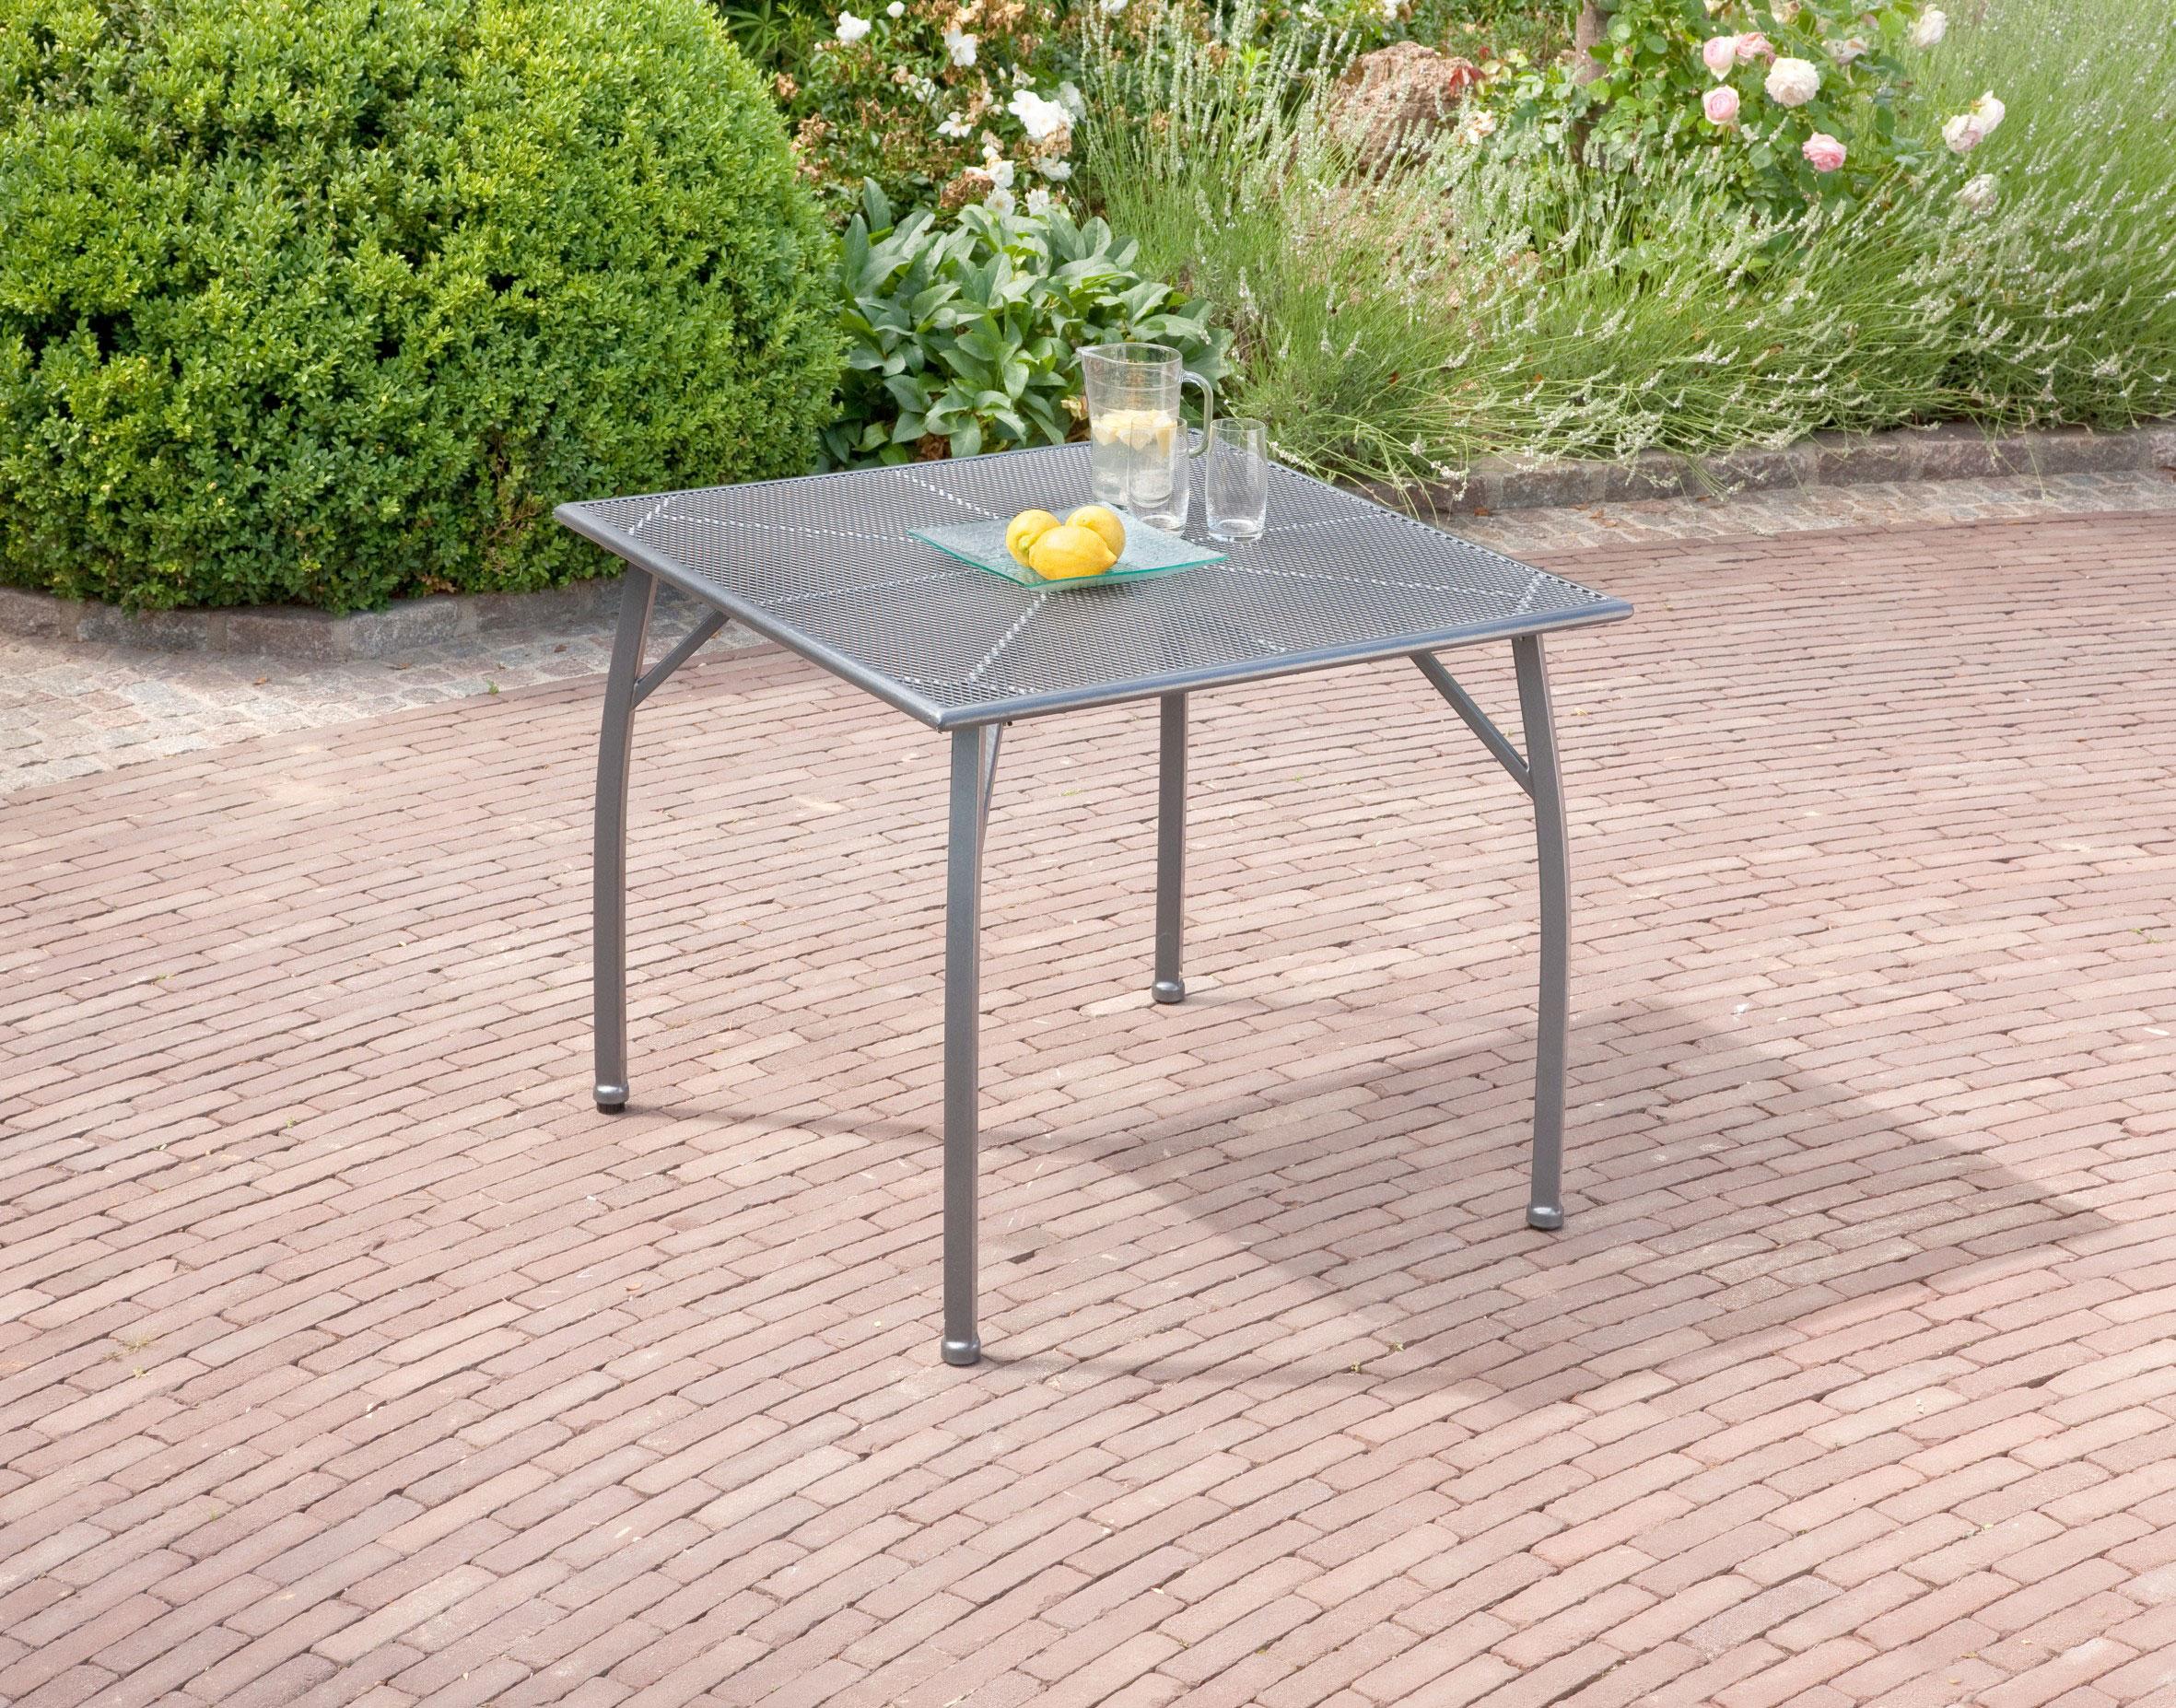 Gartentisch Toulouse greemotion 90x90cm Streckmetall eisengrau Bild 2